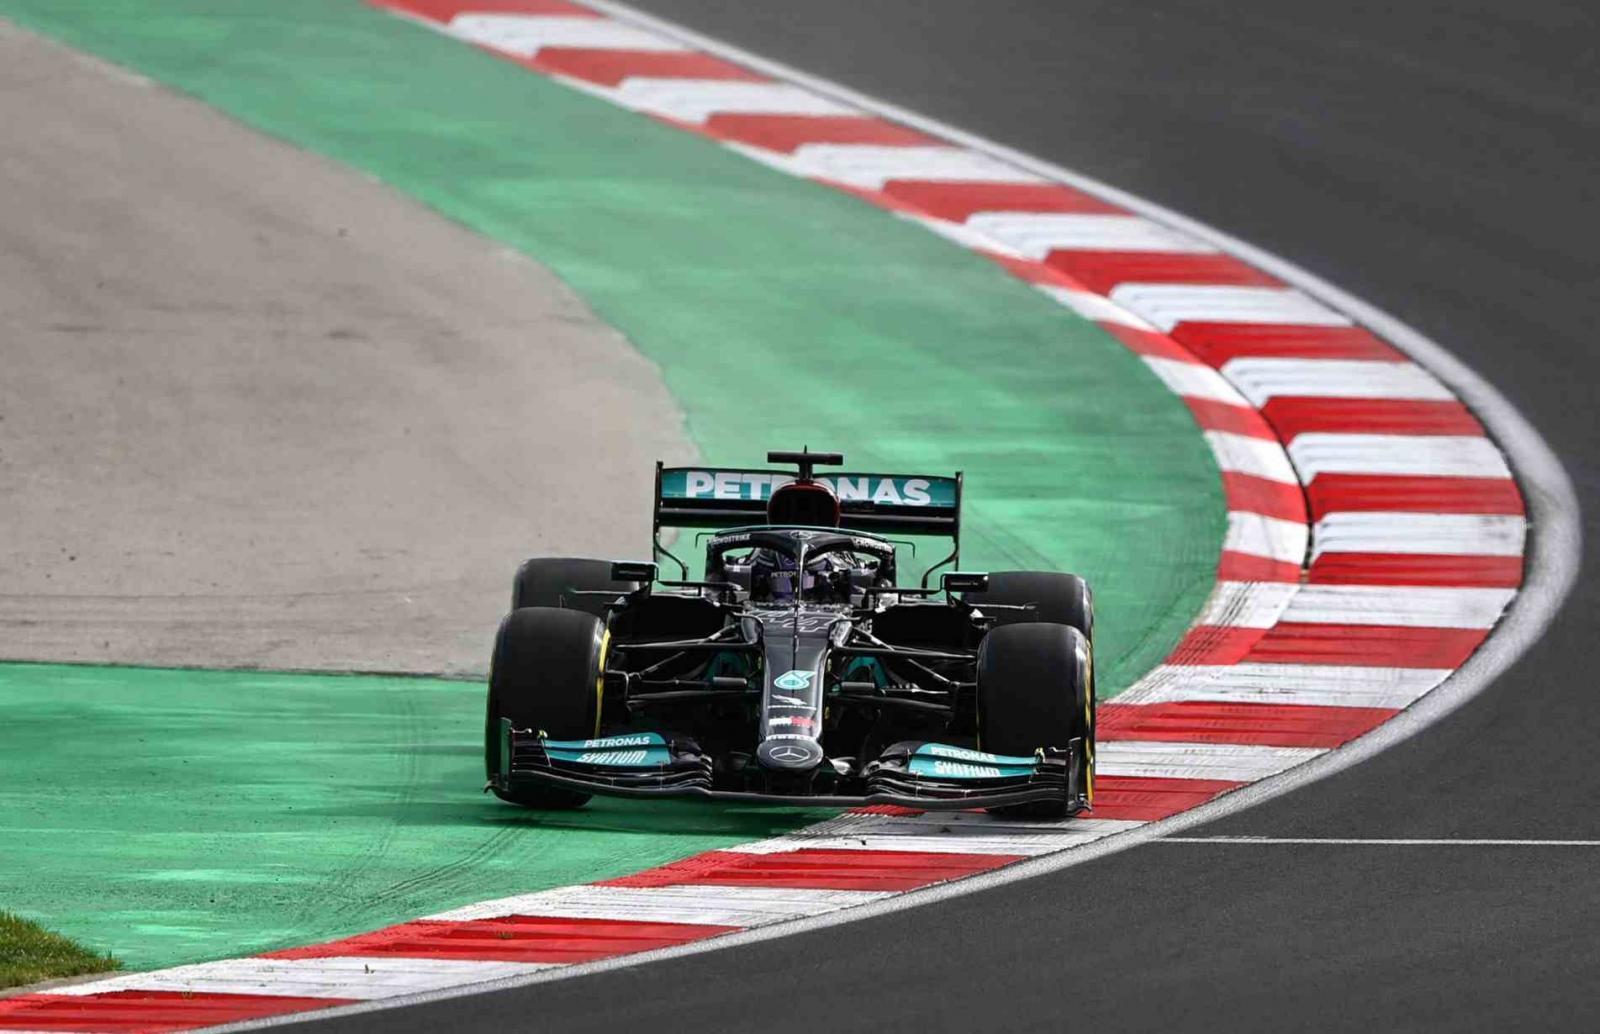 Hamilton lidera na Turquia e termina como o mais rápido do dia; Verstappen é 5º